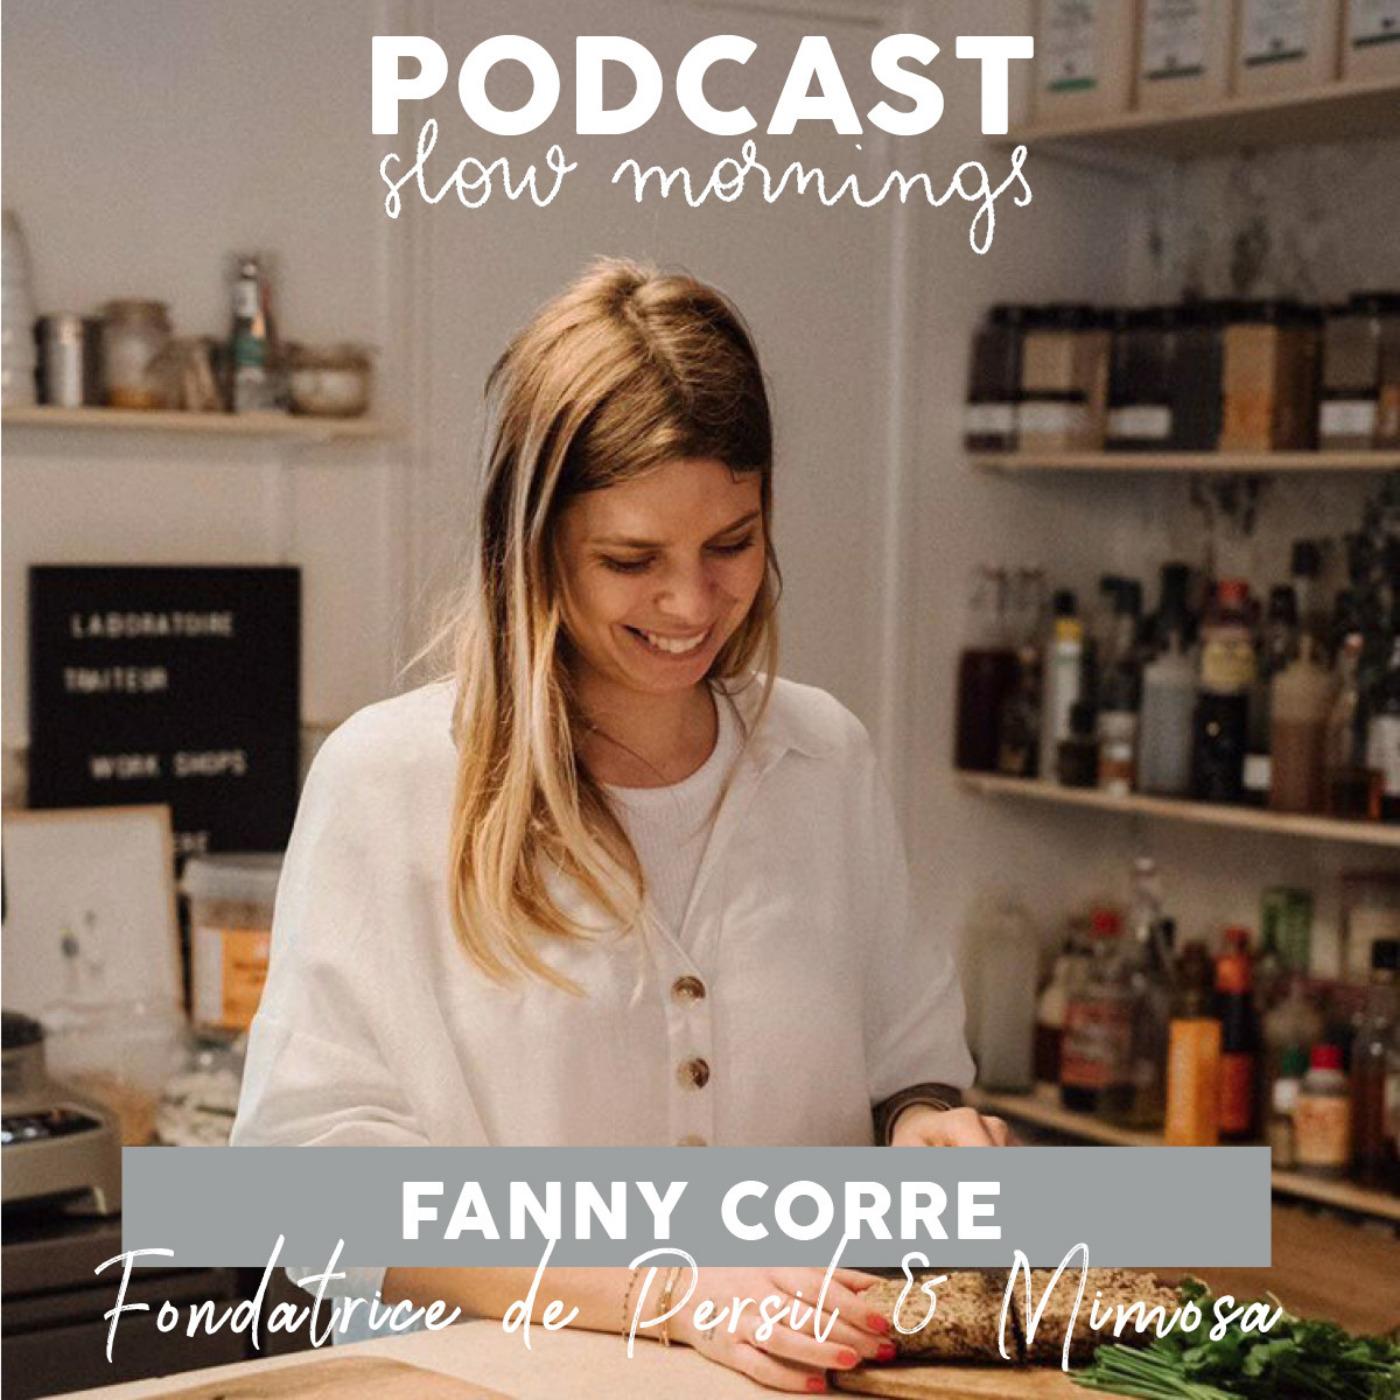 #18 Fanny Corre, Fondatrice de Persil&Mimosa - Traiteur et coffee shop parisien PART 2